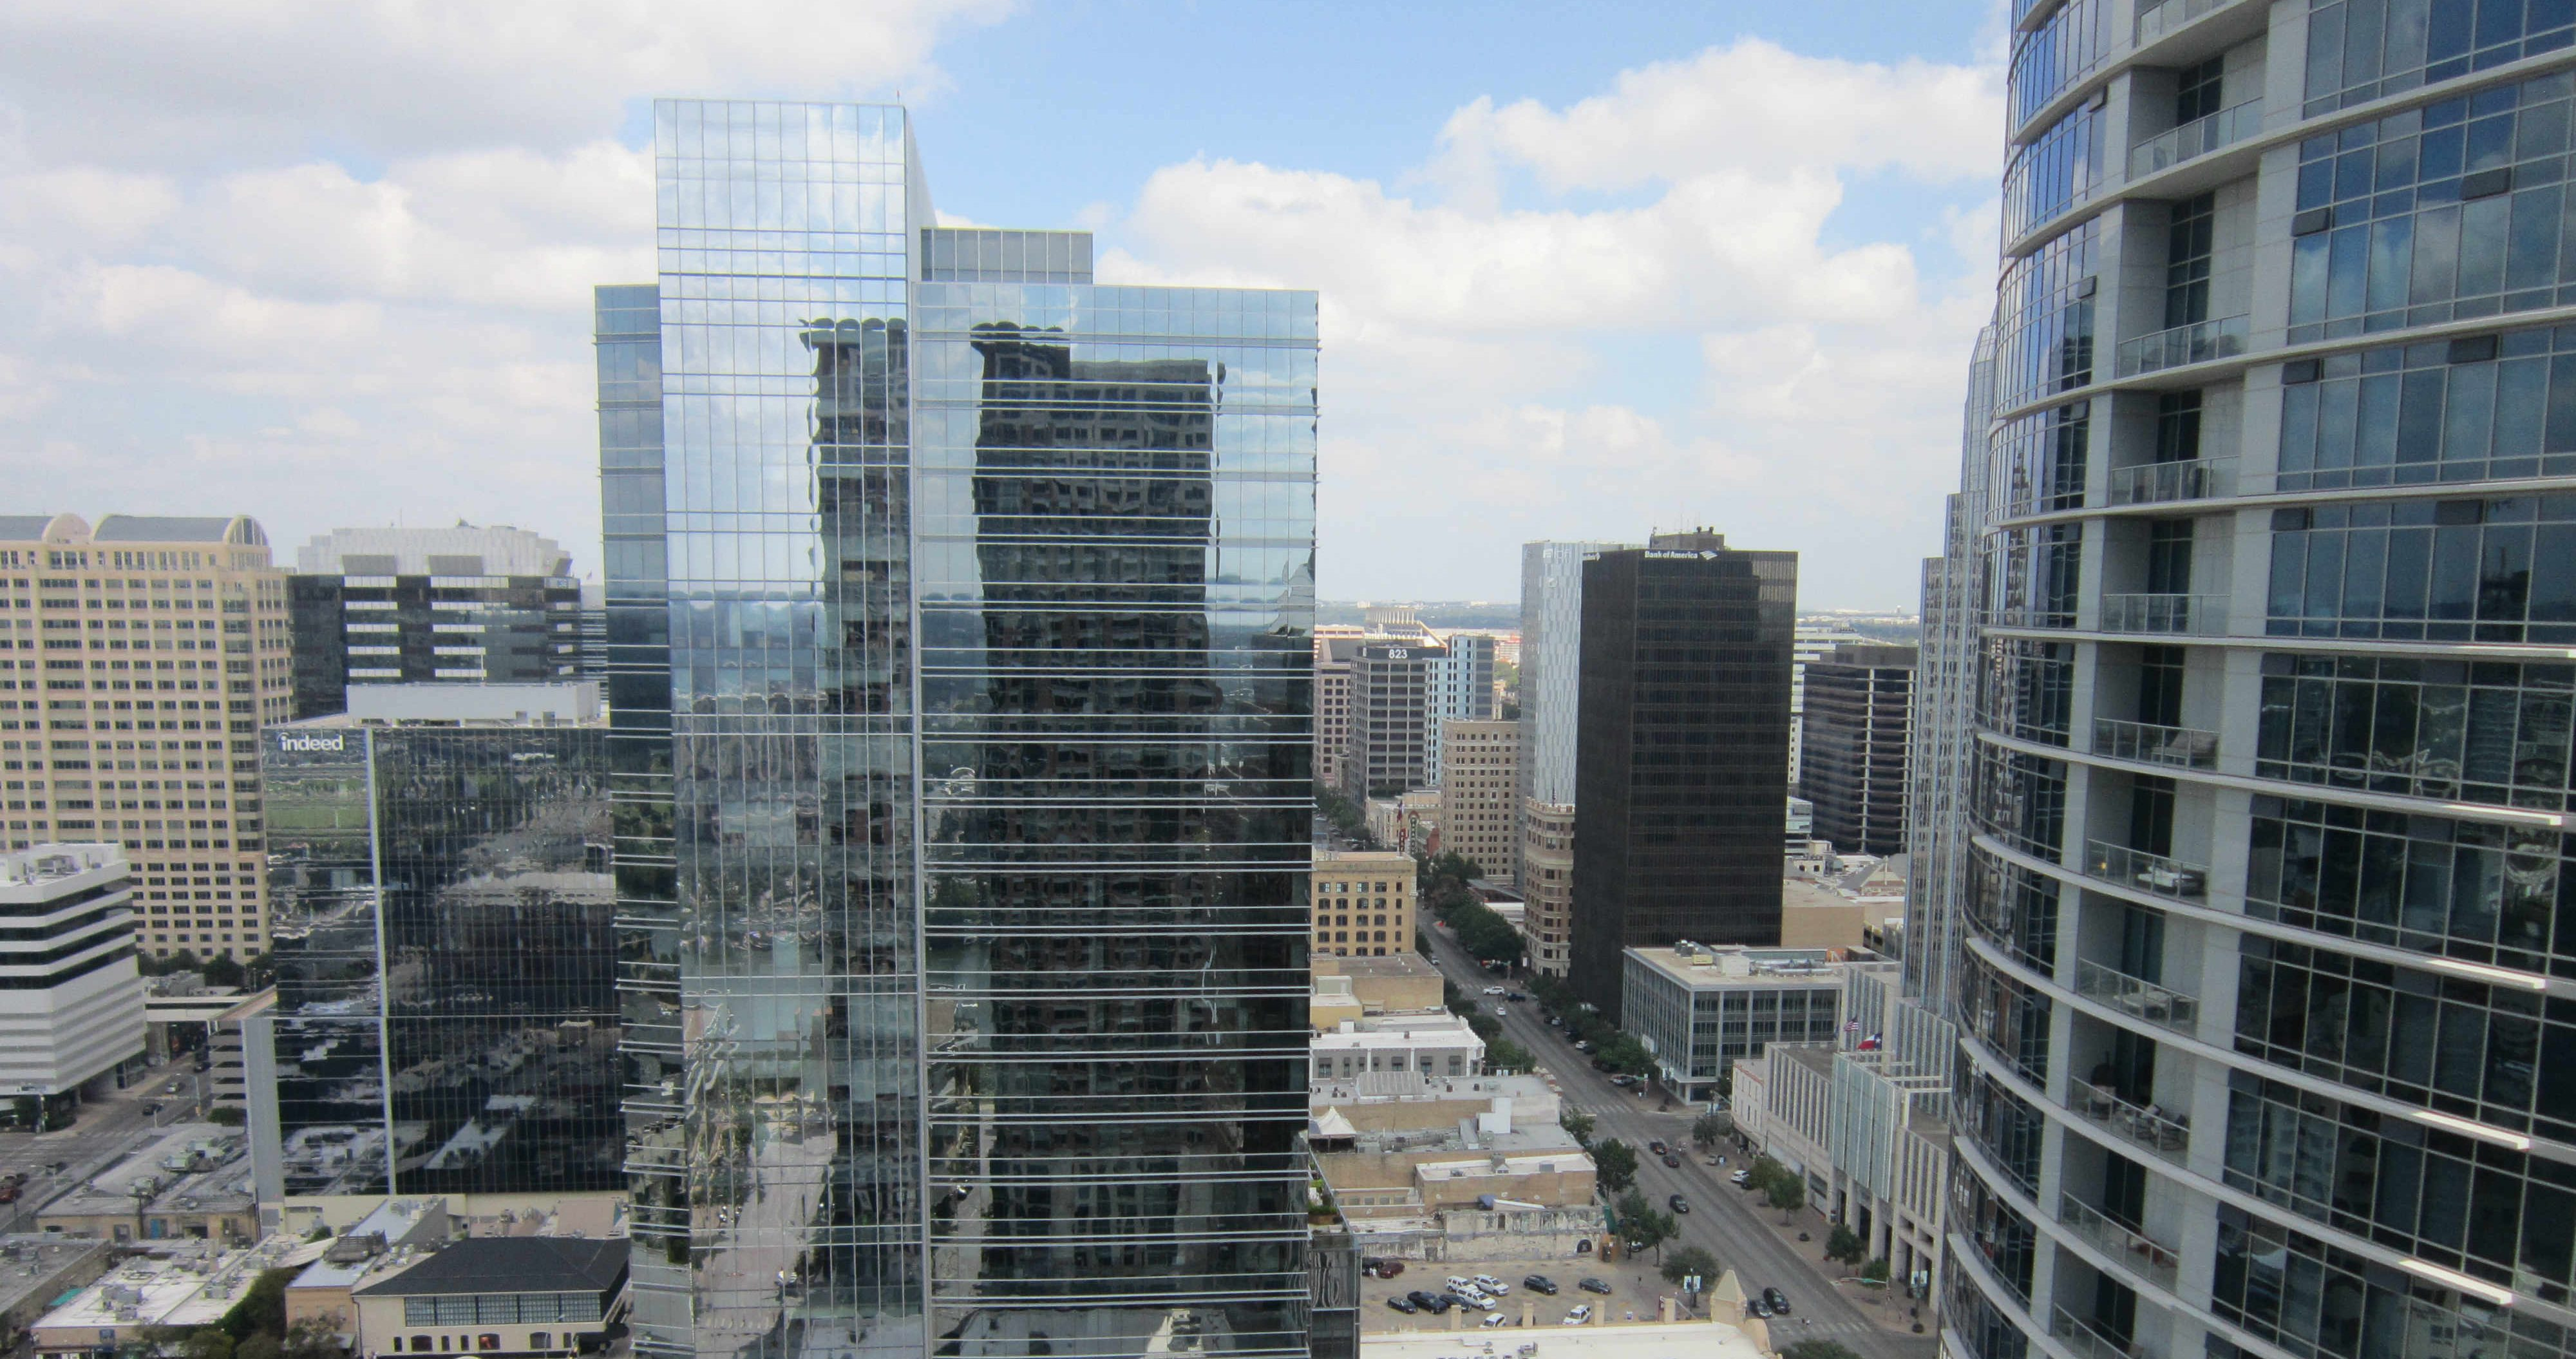 downtown-austin-from-my-apt-window